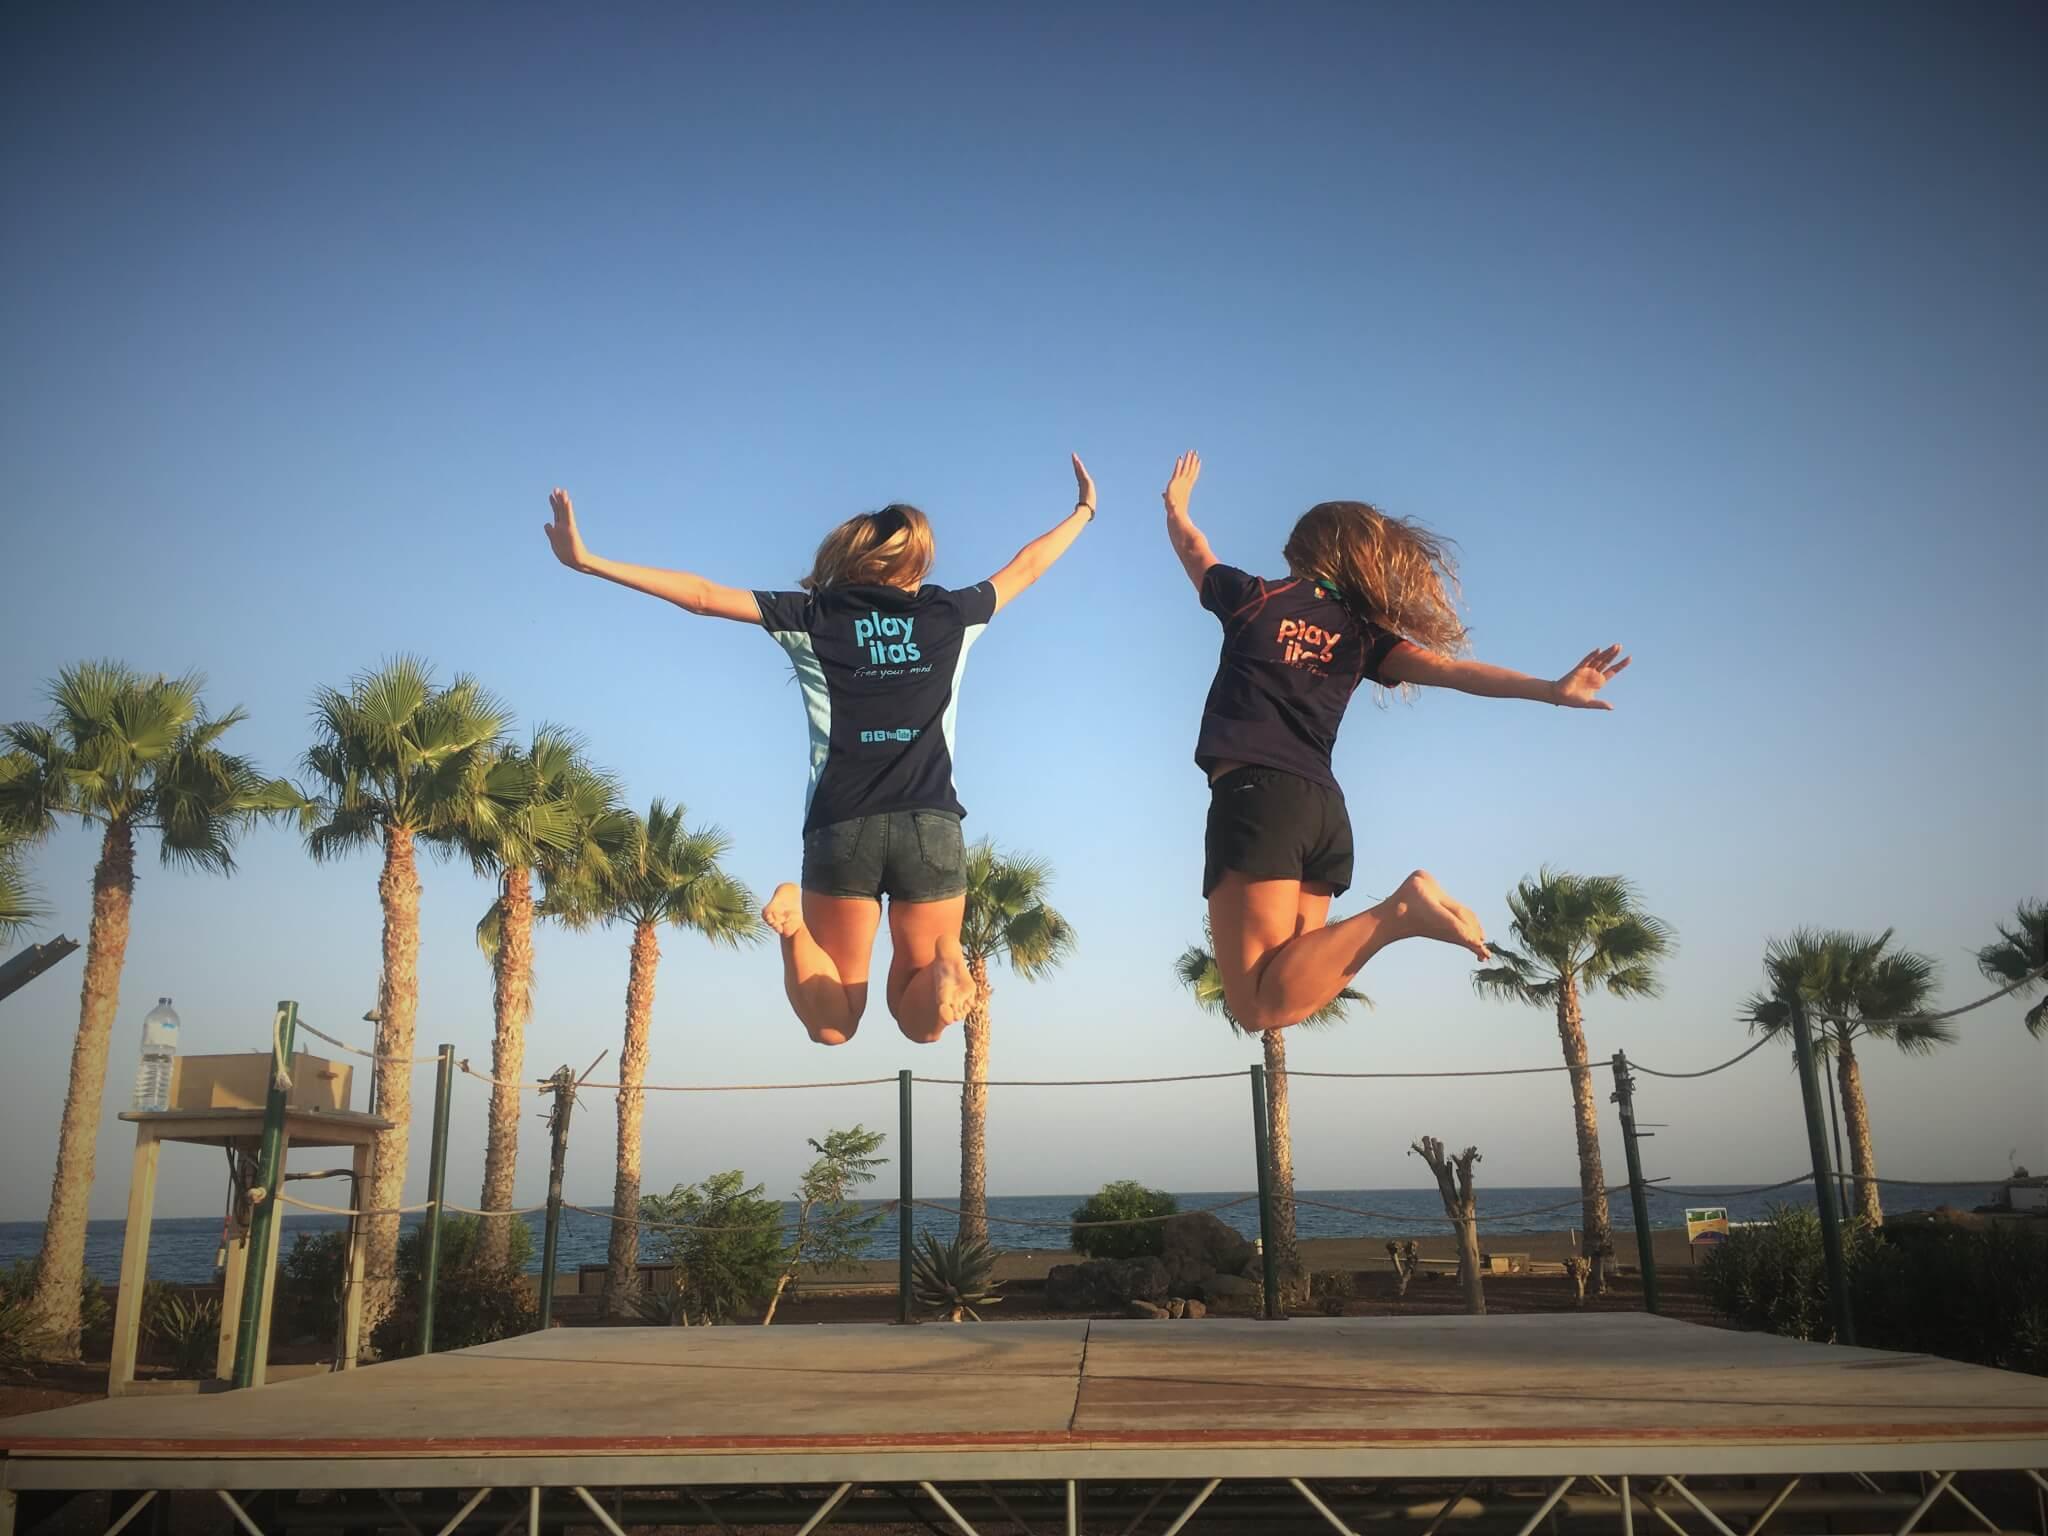 Find new friends_Fuerteventura_intern abroad